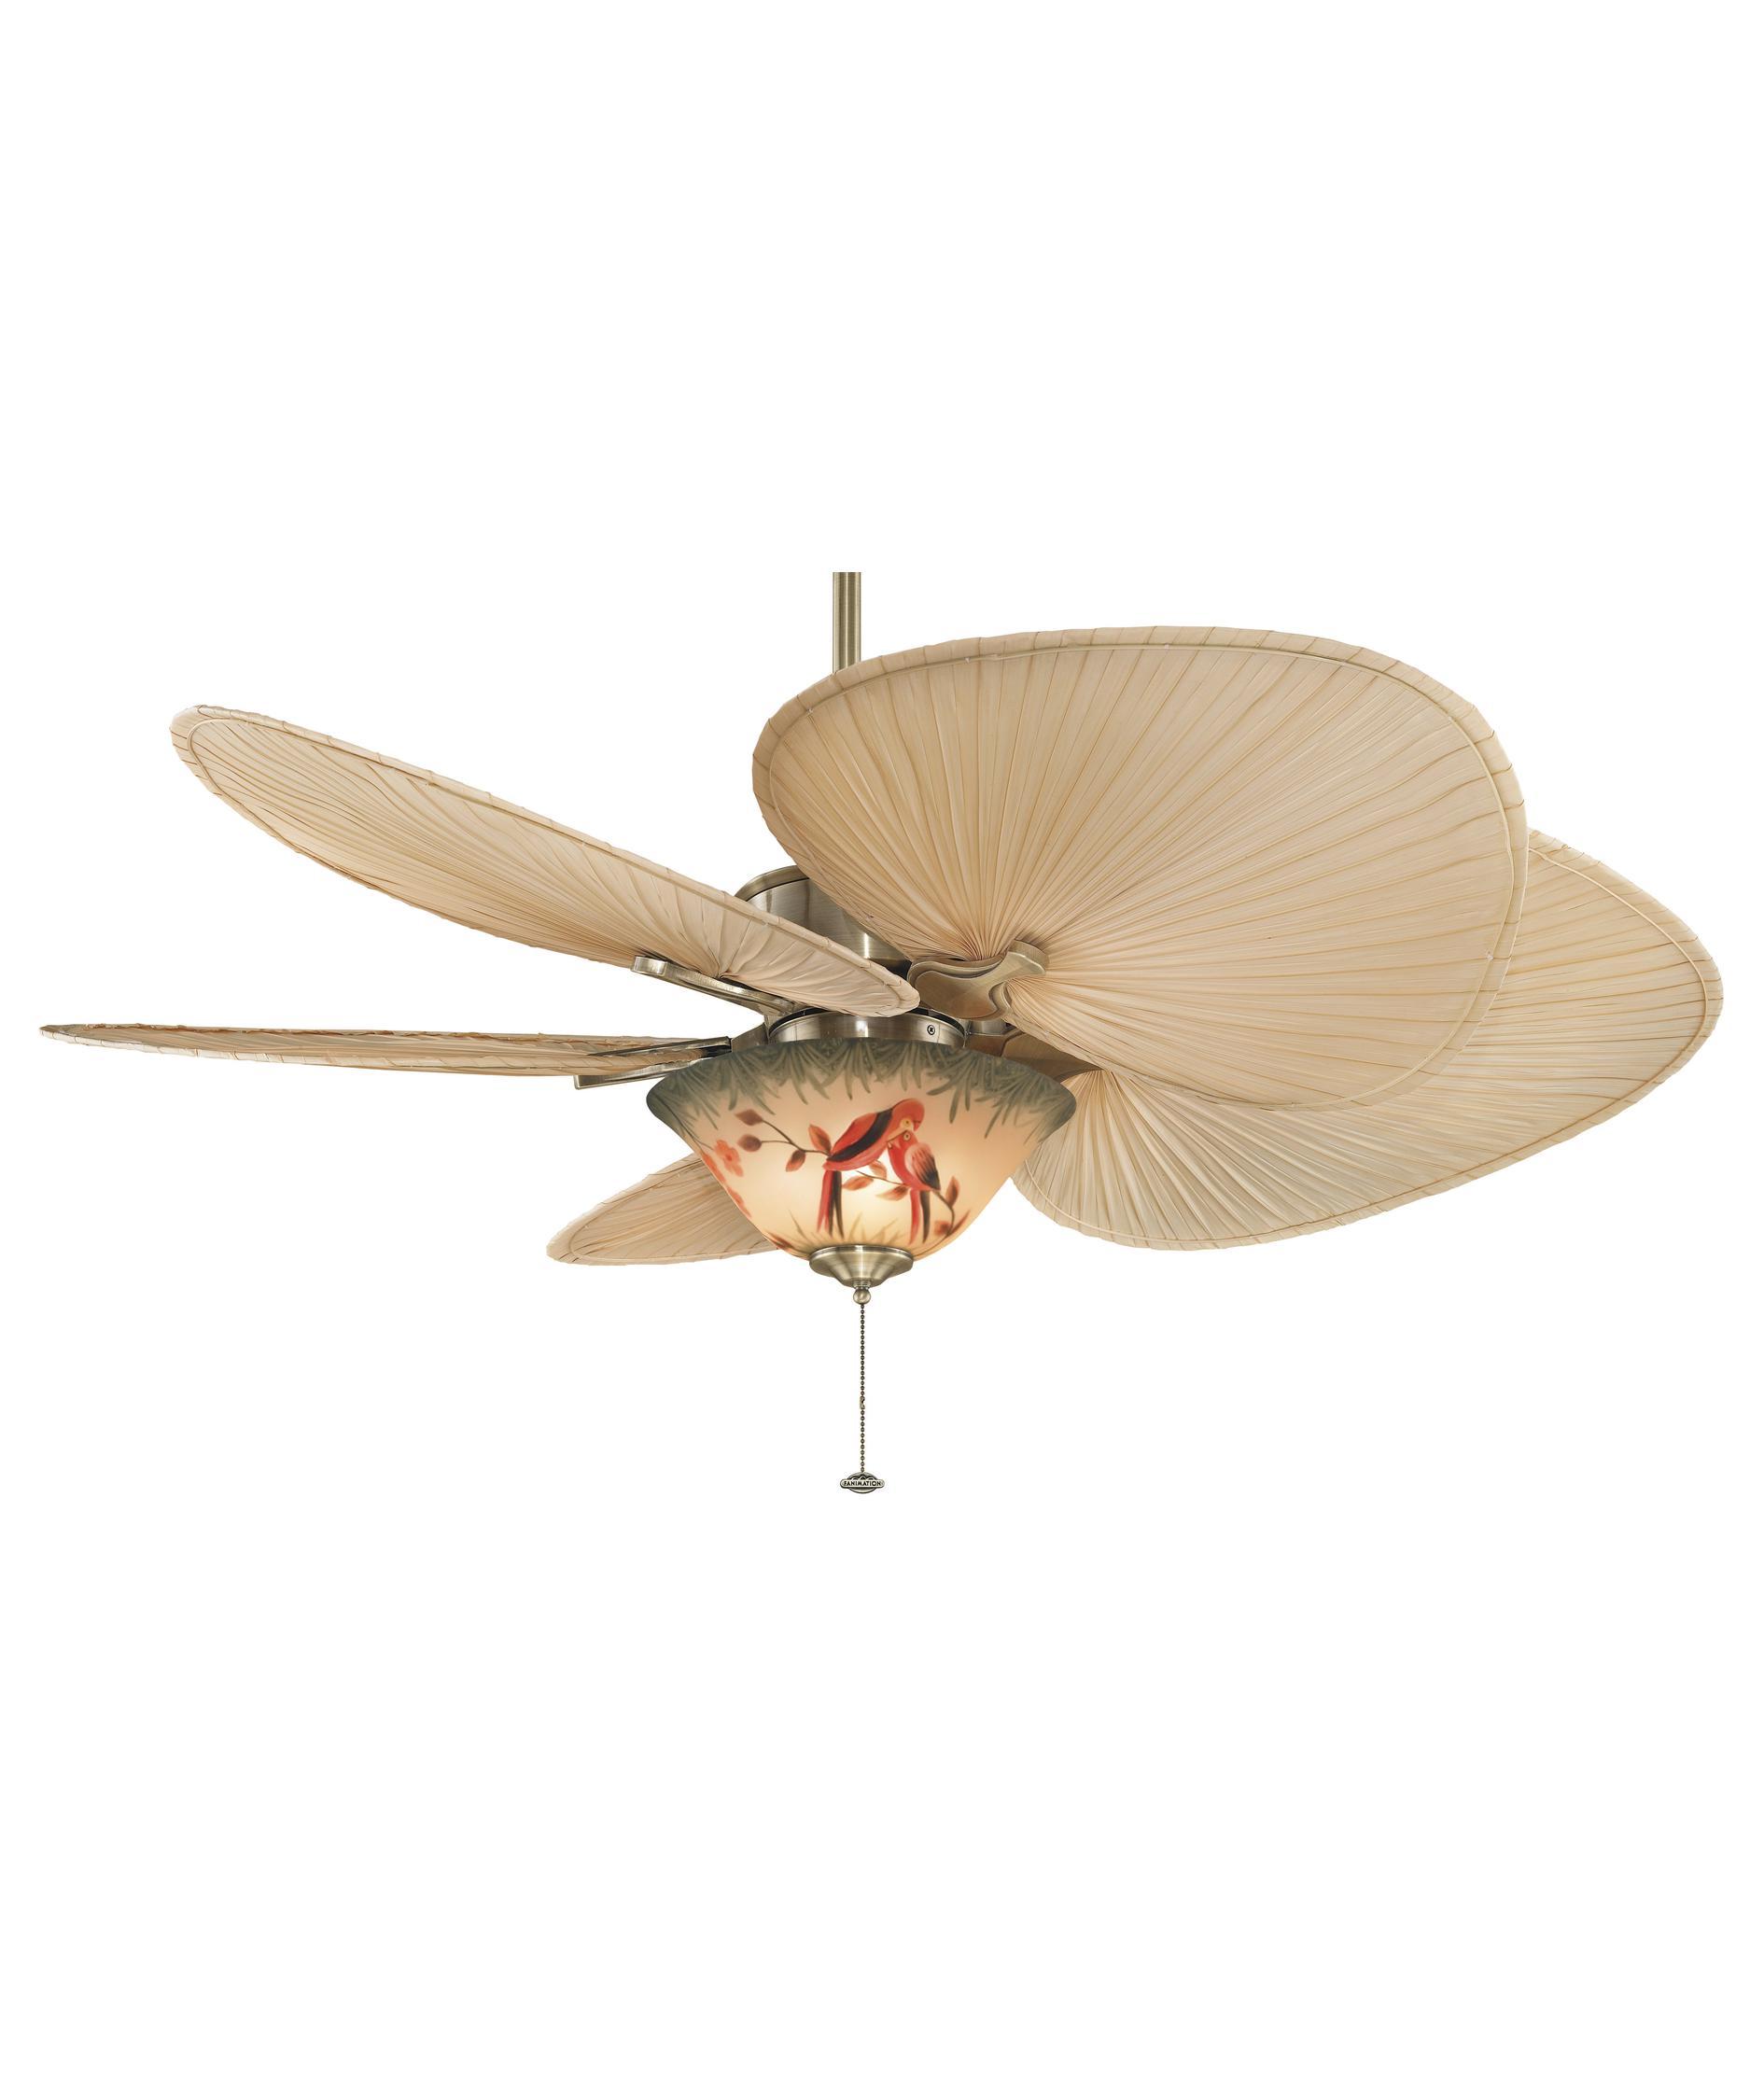 fanimation mad3250 islander 52 inch 5 blade ceiling fan | capitol